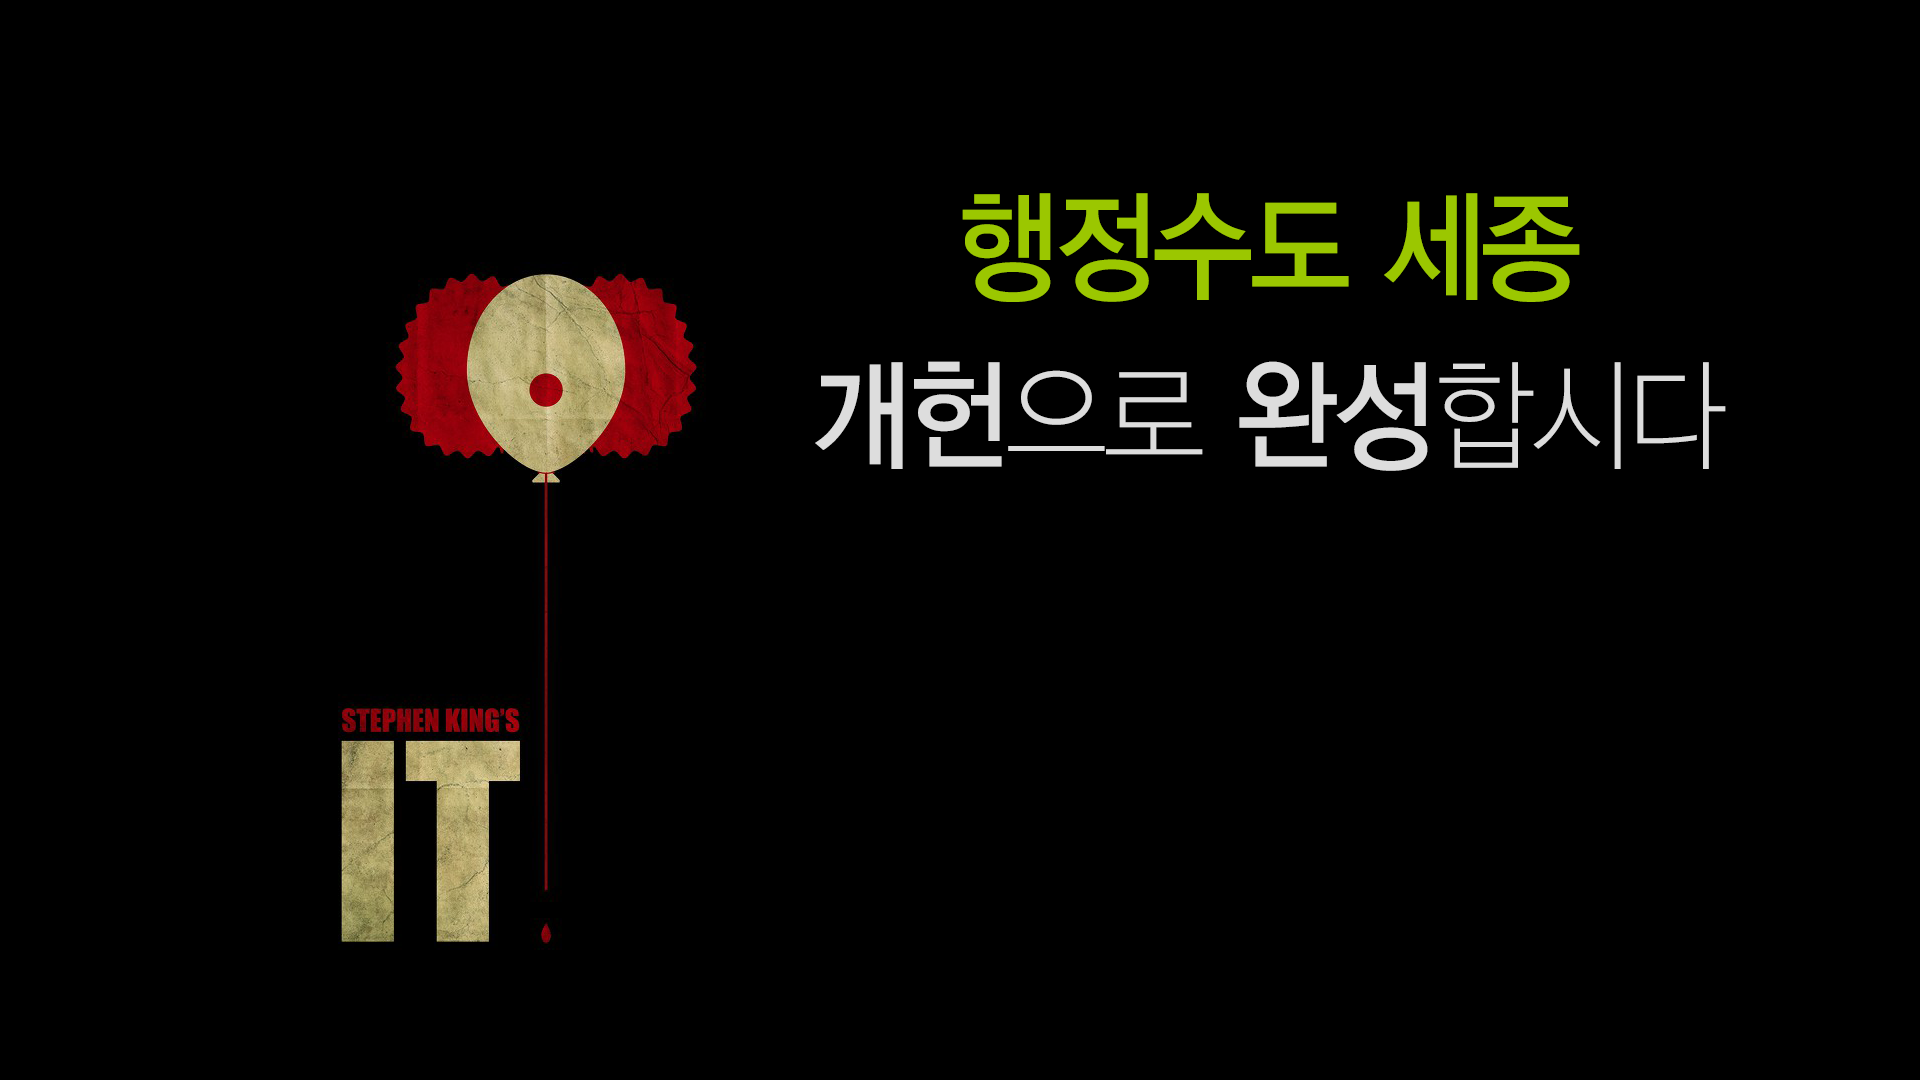 영화< IT> 패러디 세종시 행정수도편